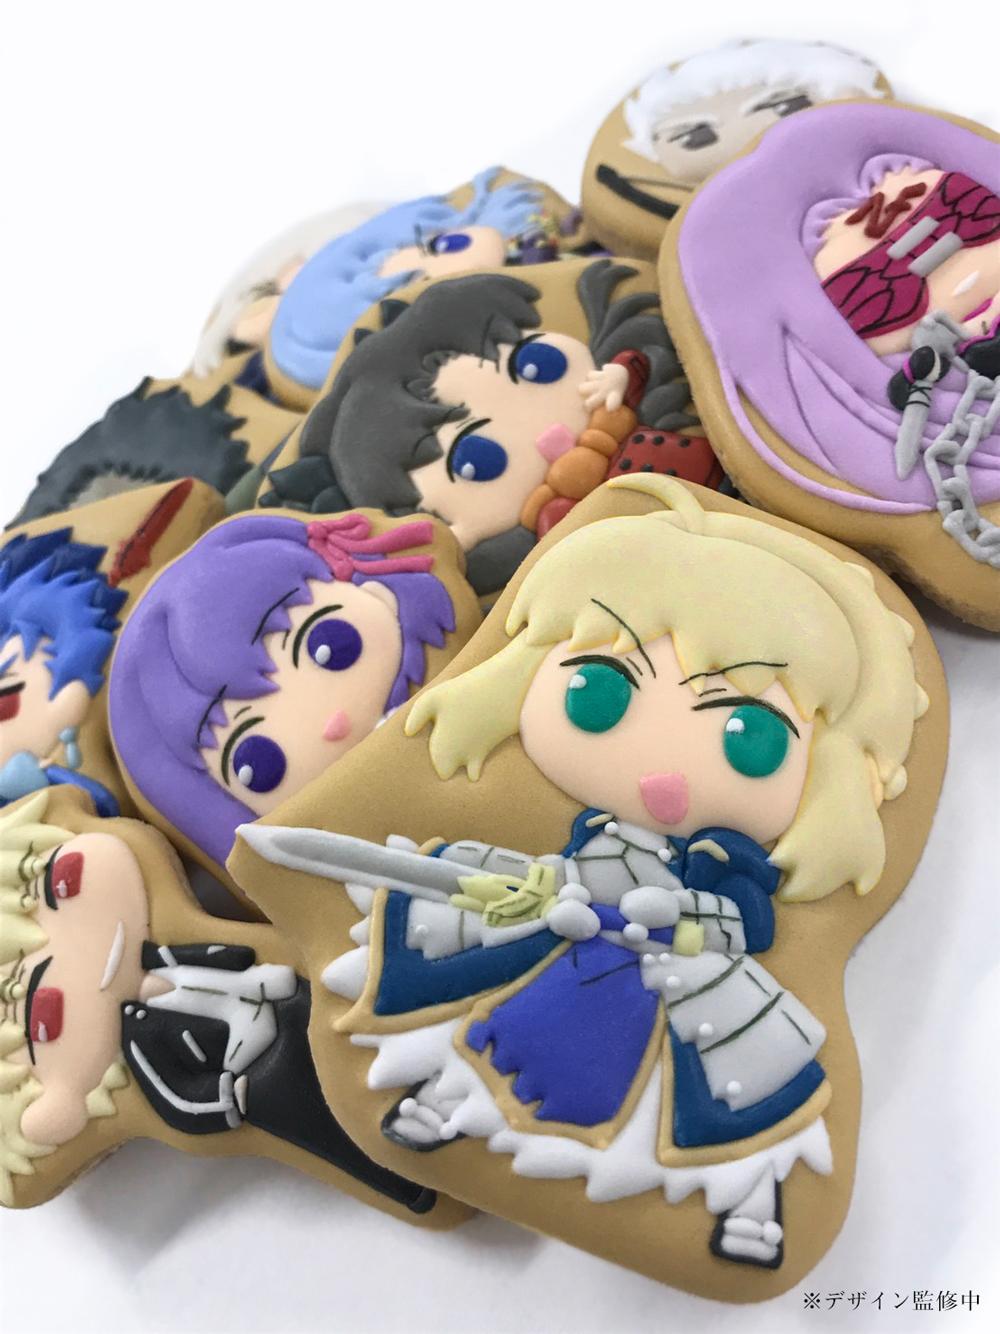 ・ぷっくりアイシングクッキー デフォルメアートがカワイイ 食べるのが勿体無い一品